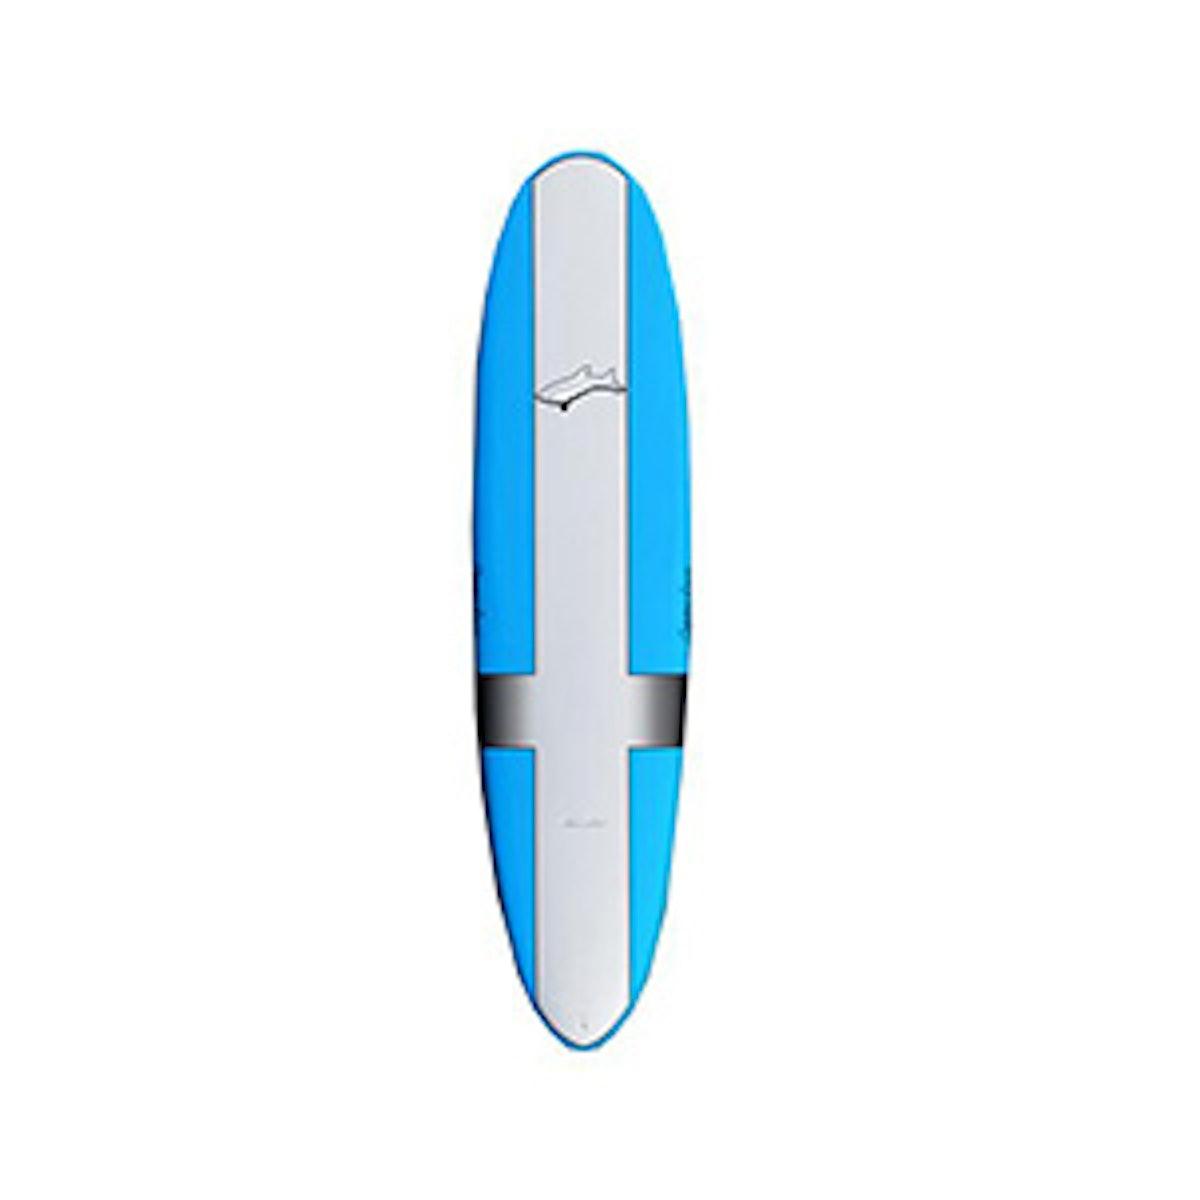 Destroyer Surfboard